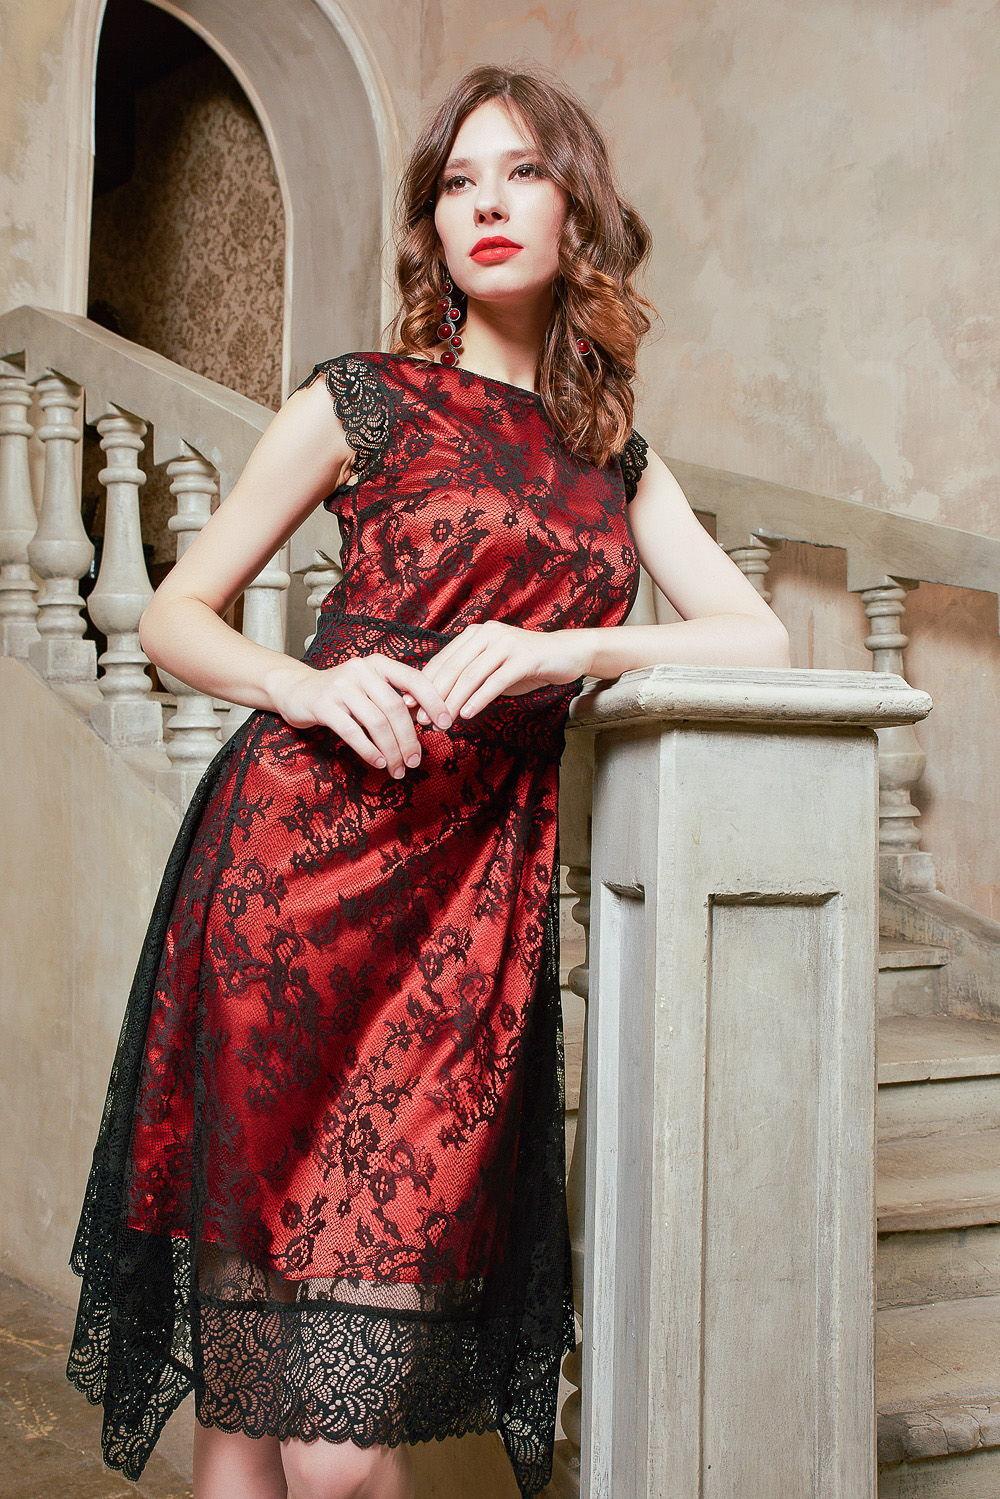 Платье З428-223 - Необычное яркое броское двухслойное платье. Нижний слой выполнен в роковом алом цвете, который сверху обволакивает тончайшее кружевное полотно с изумительным узором.Дополнительную женственность придает декорирование широкой кружевной лентой низа и проймы платья. С помощью пояса четко обозначена линия талии. Кружевные вставки по бокам подола зрительно прорисовывают совершенные пропорции женского тела.Роскошное платье, которое объединило в себе признаки бельевого и гламурного стиля